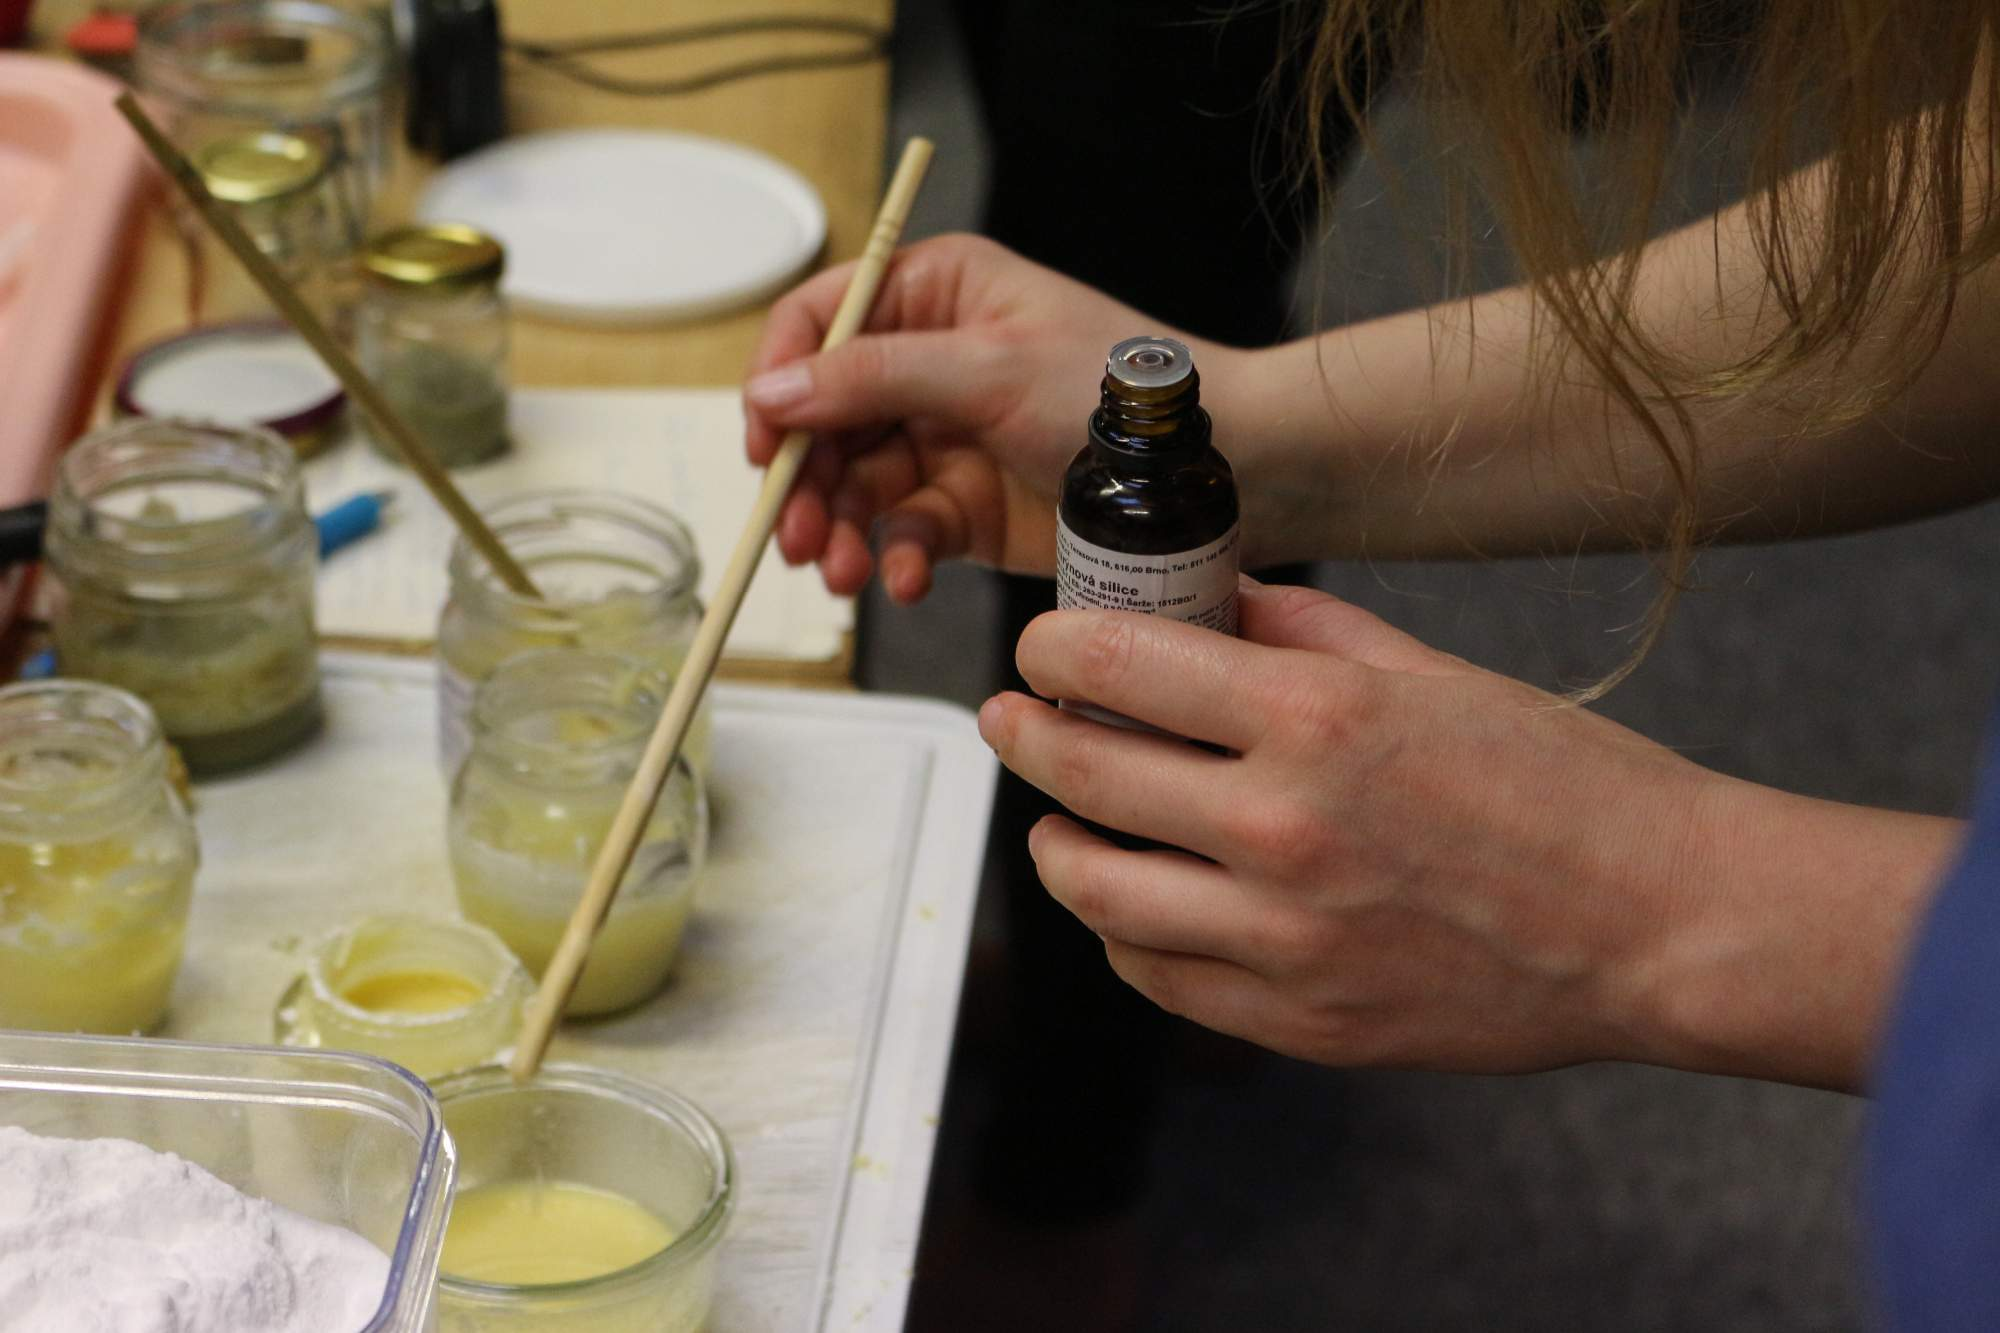 """Na záver pridali päť až desať kvapiek esenciálneho oleja, ktorý dodal domácemu dezodorantu vôňu. """"V lete neodporúčam pridávať citrusové vône, pretože tie zvyšujú citlivosť kože na svetlo,"""" poradila účastníčkam Tenková. Foto: Simona Gálová"""